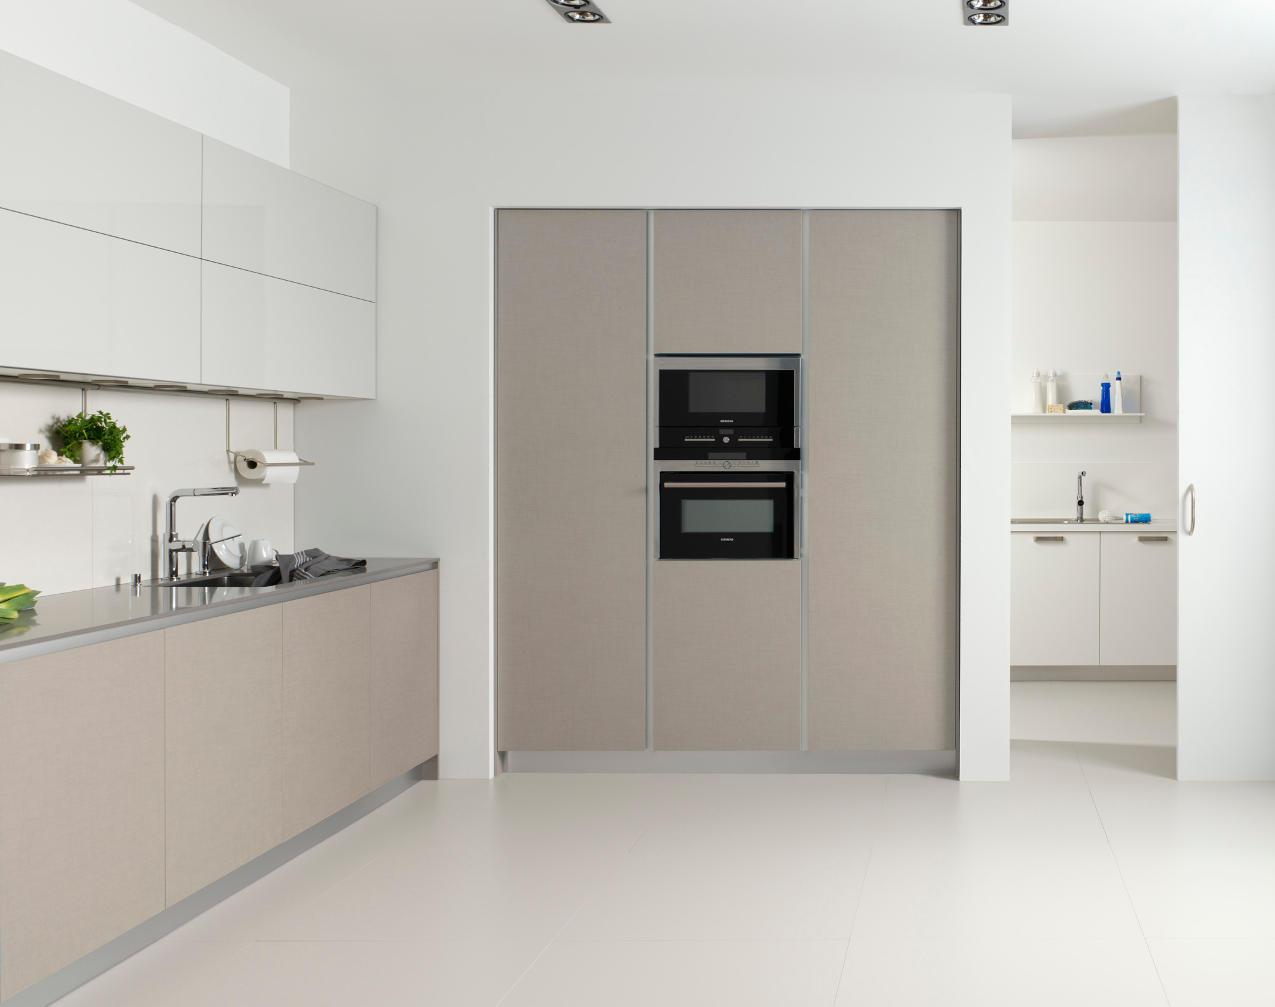 Cocina Dica Serie45 Lino Natural - Horno